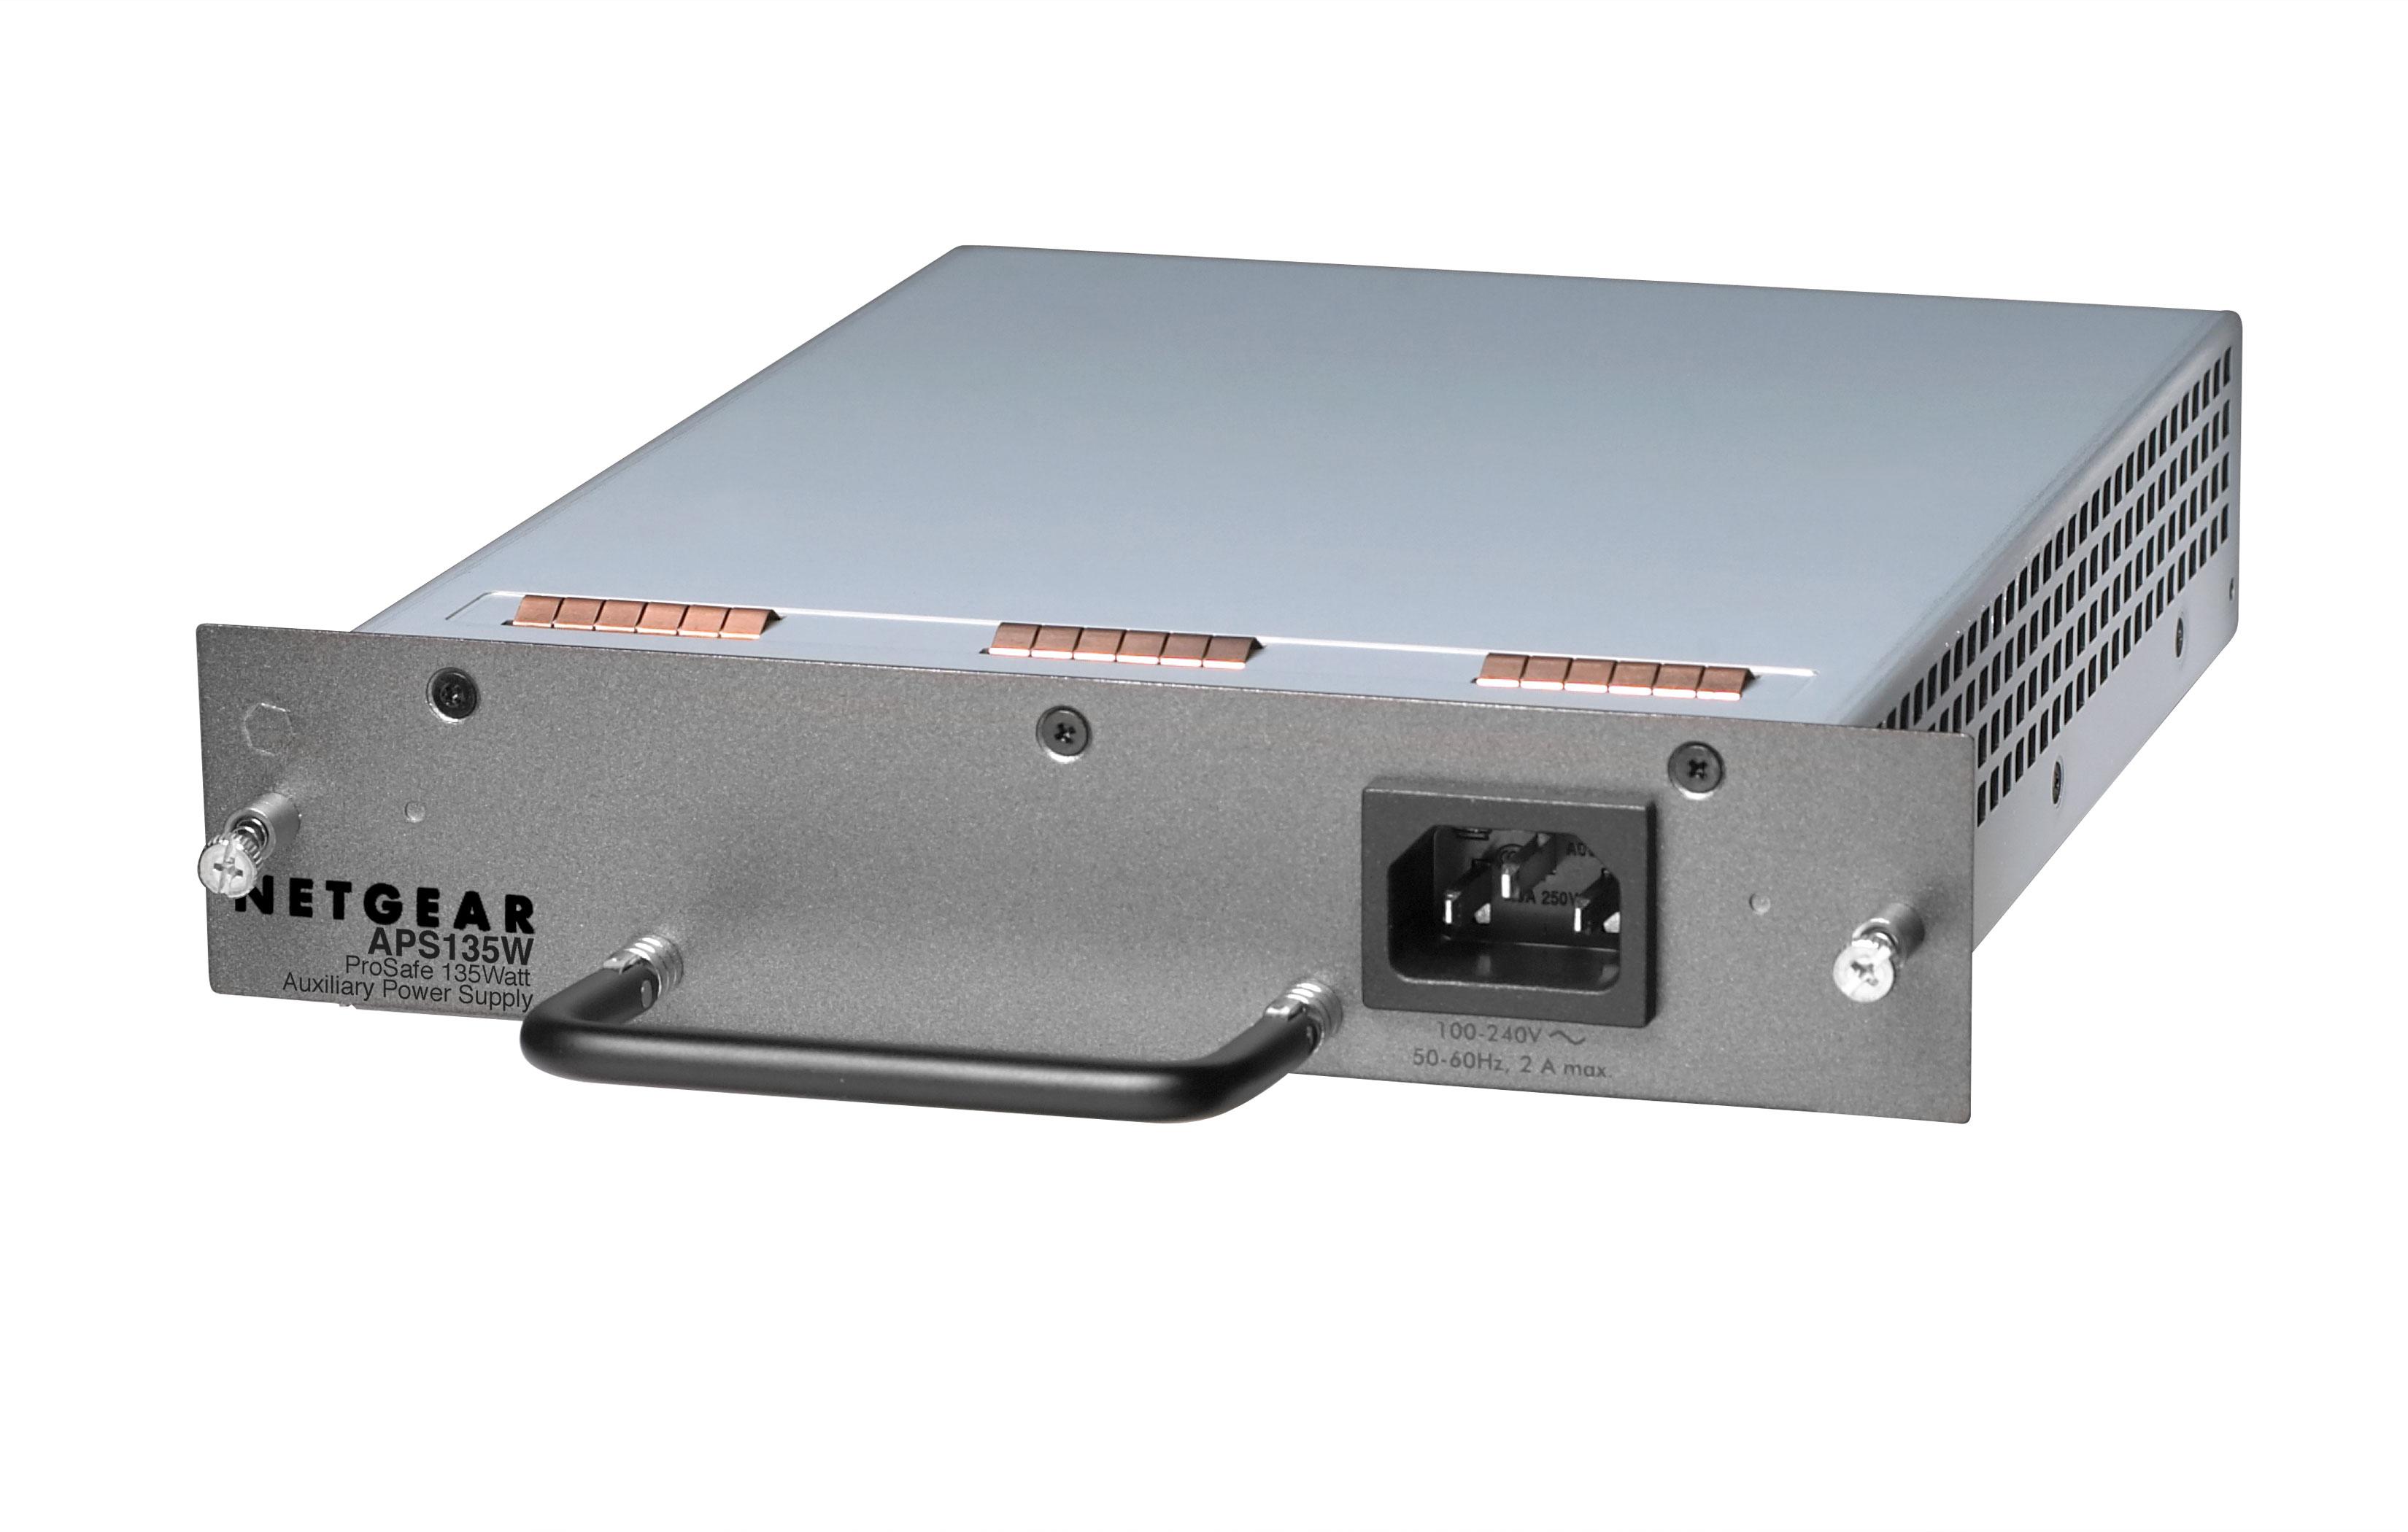 Netgear APS300W 300W Silber Netzteil